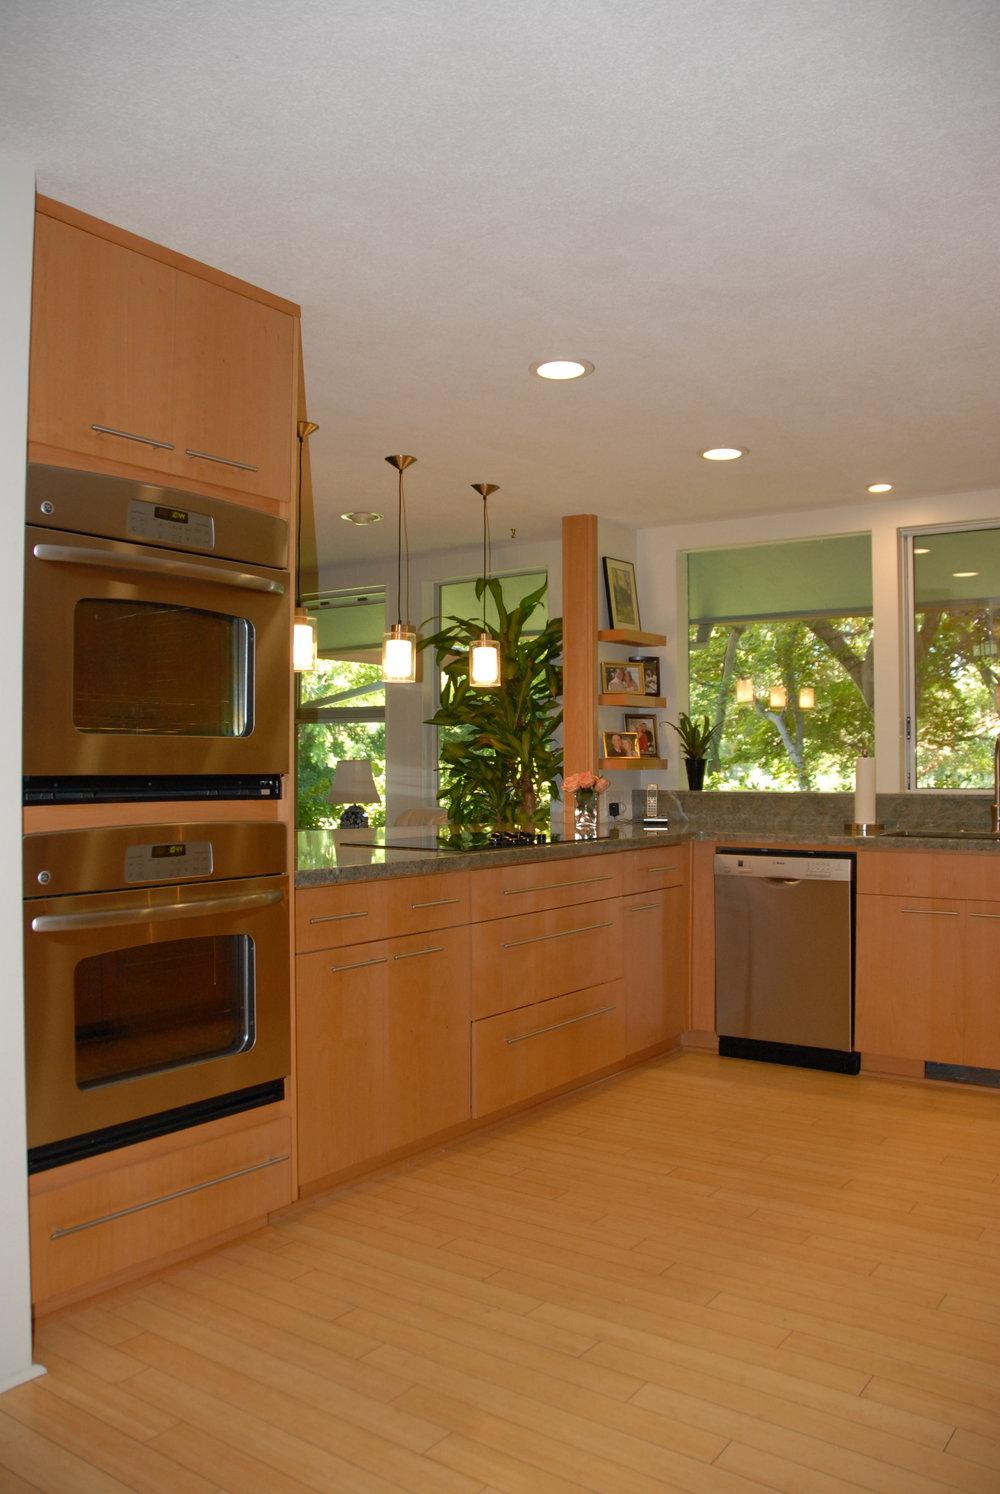 Kitchen Remodel Private Residence in Chico CA 3.JPG